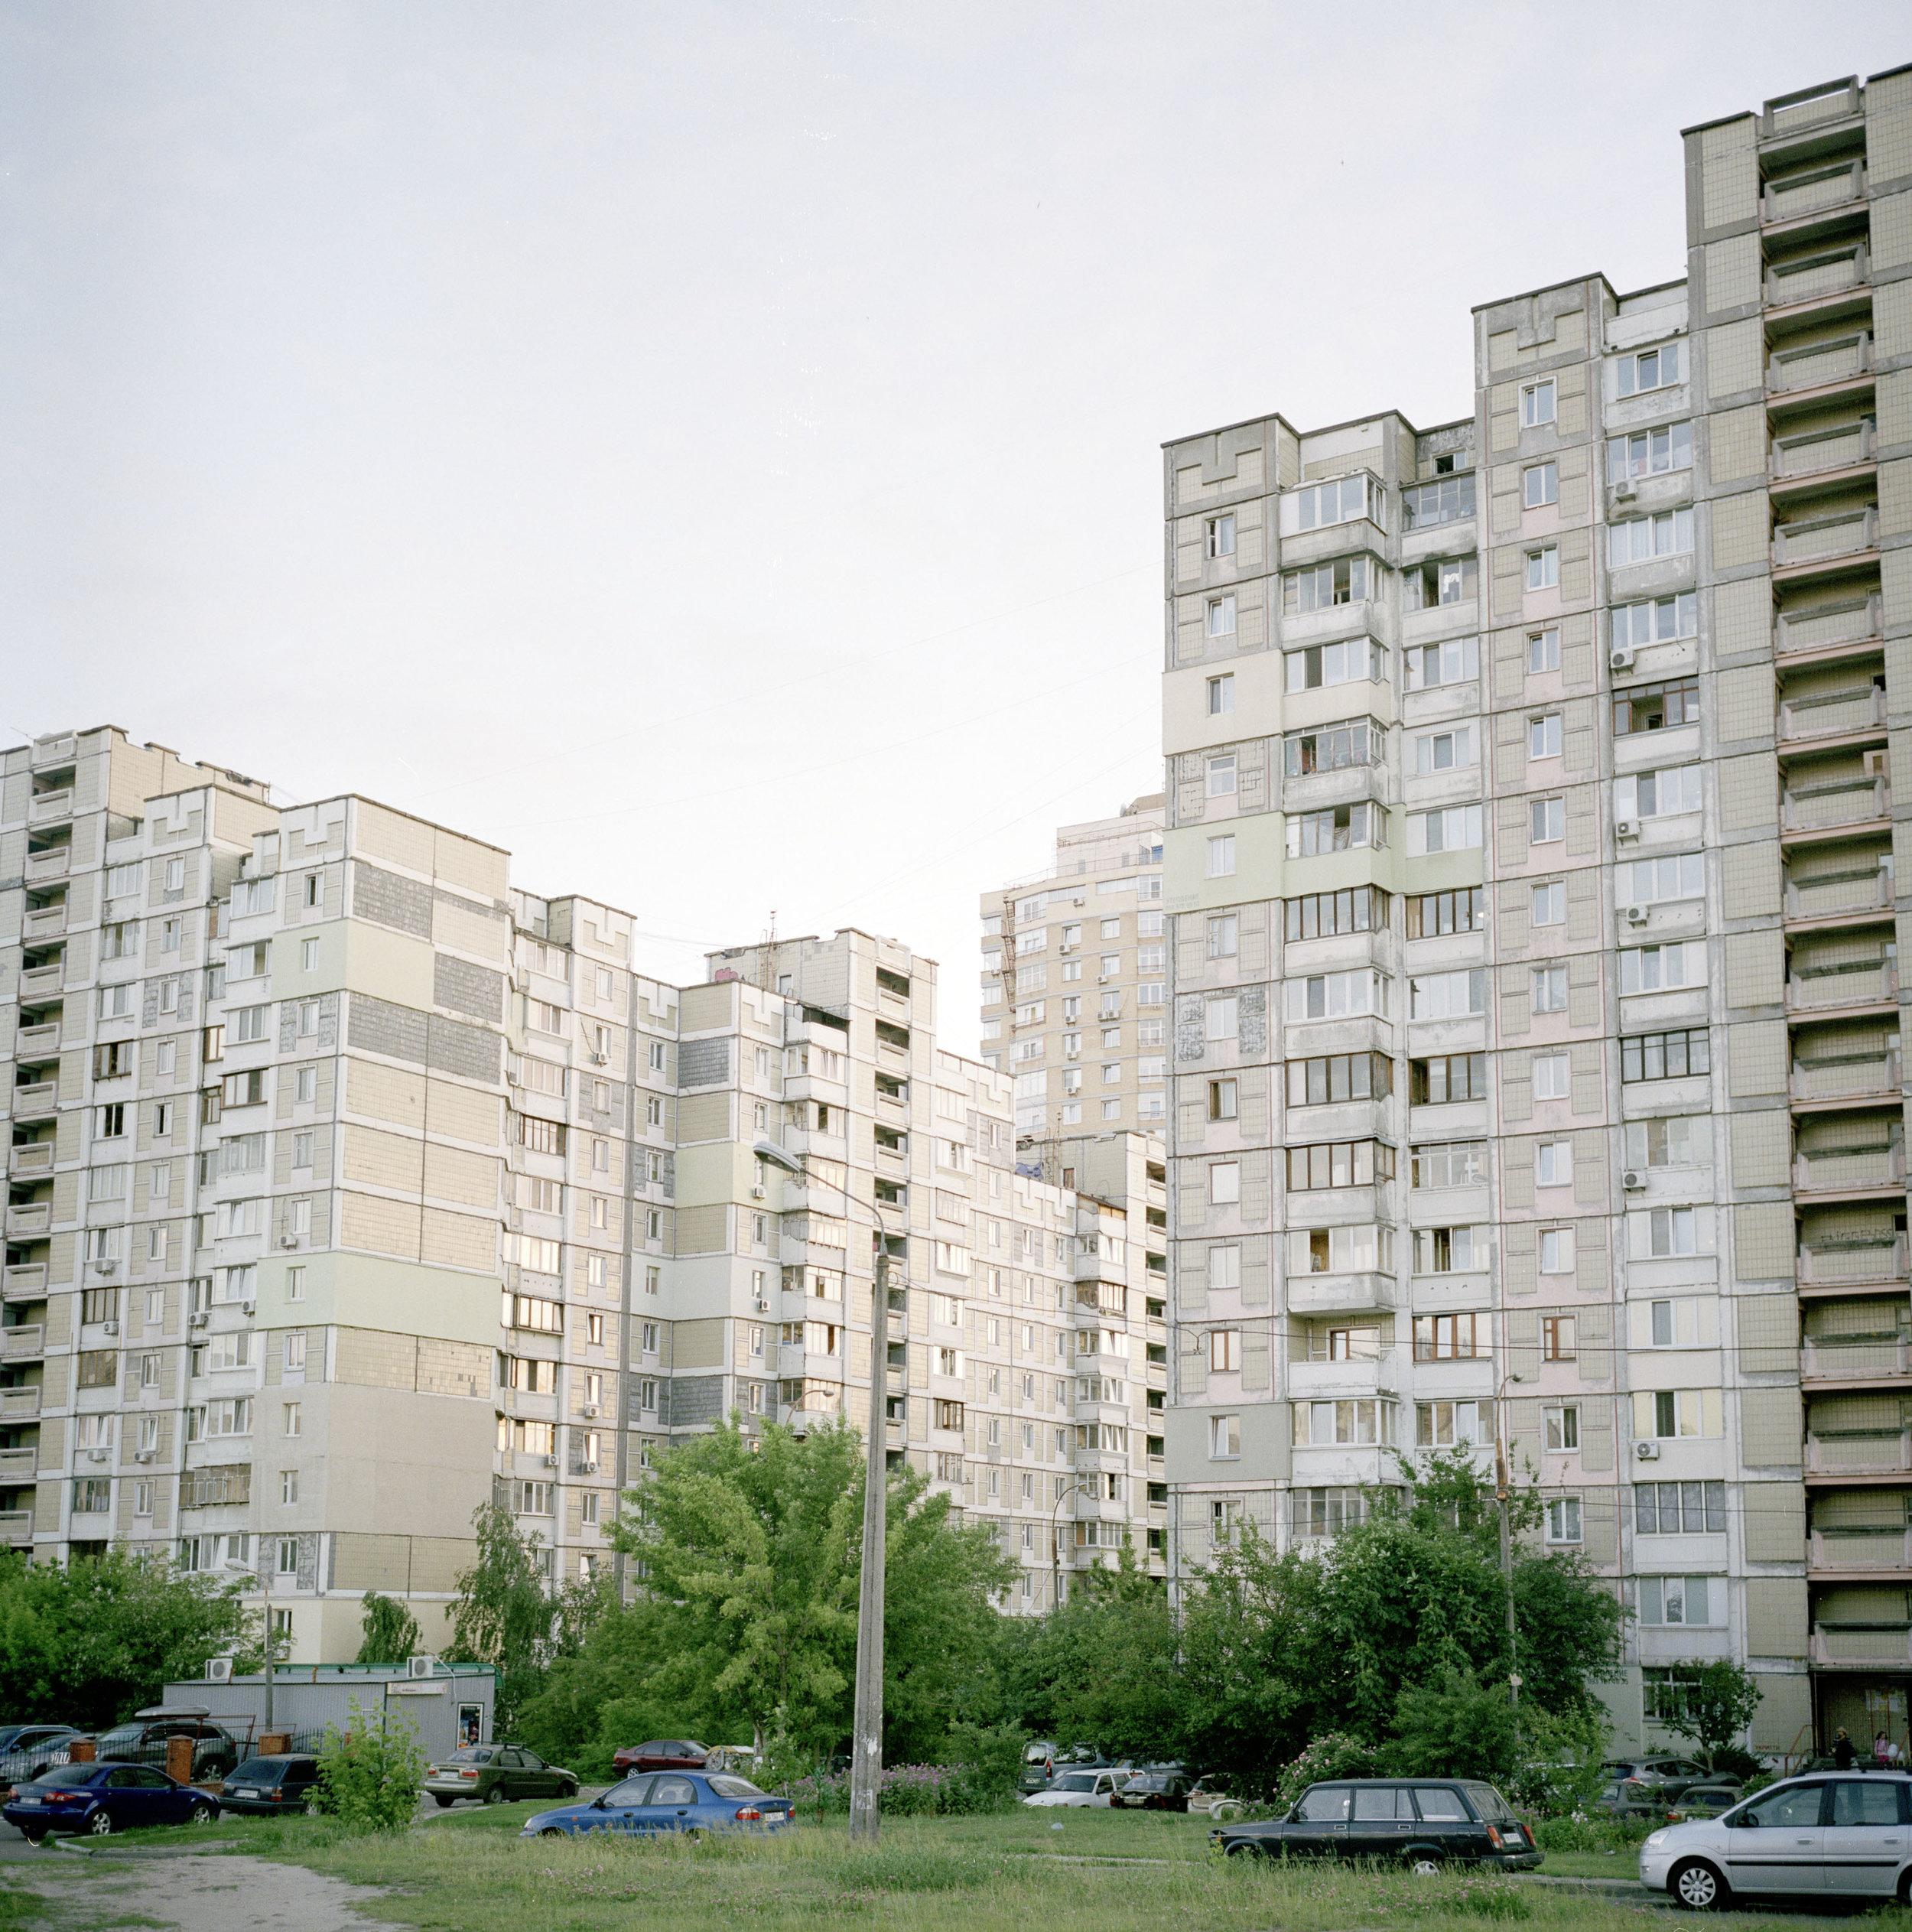 24_KIEVQUARTIERKievQuartier_06-17.jpg